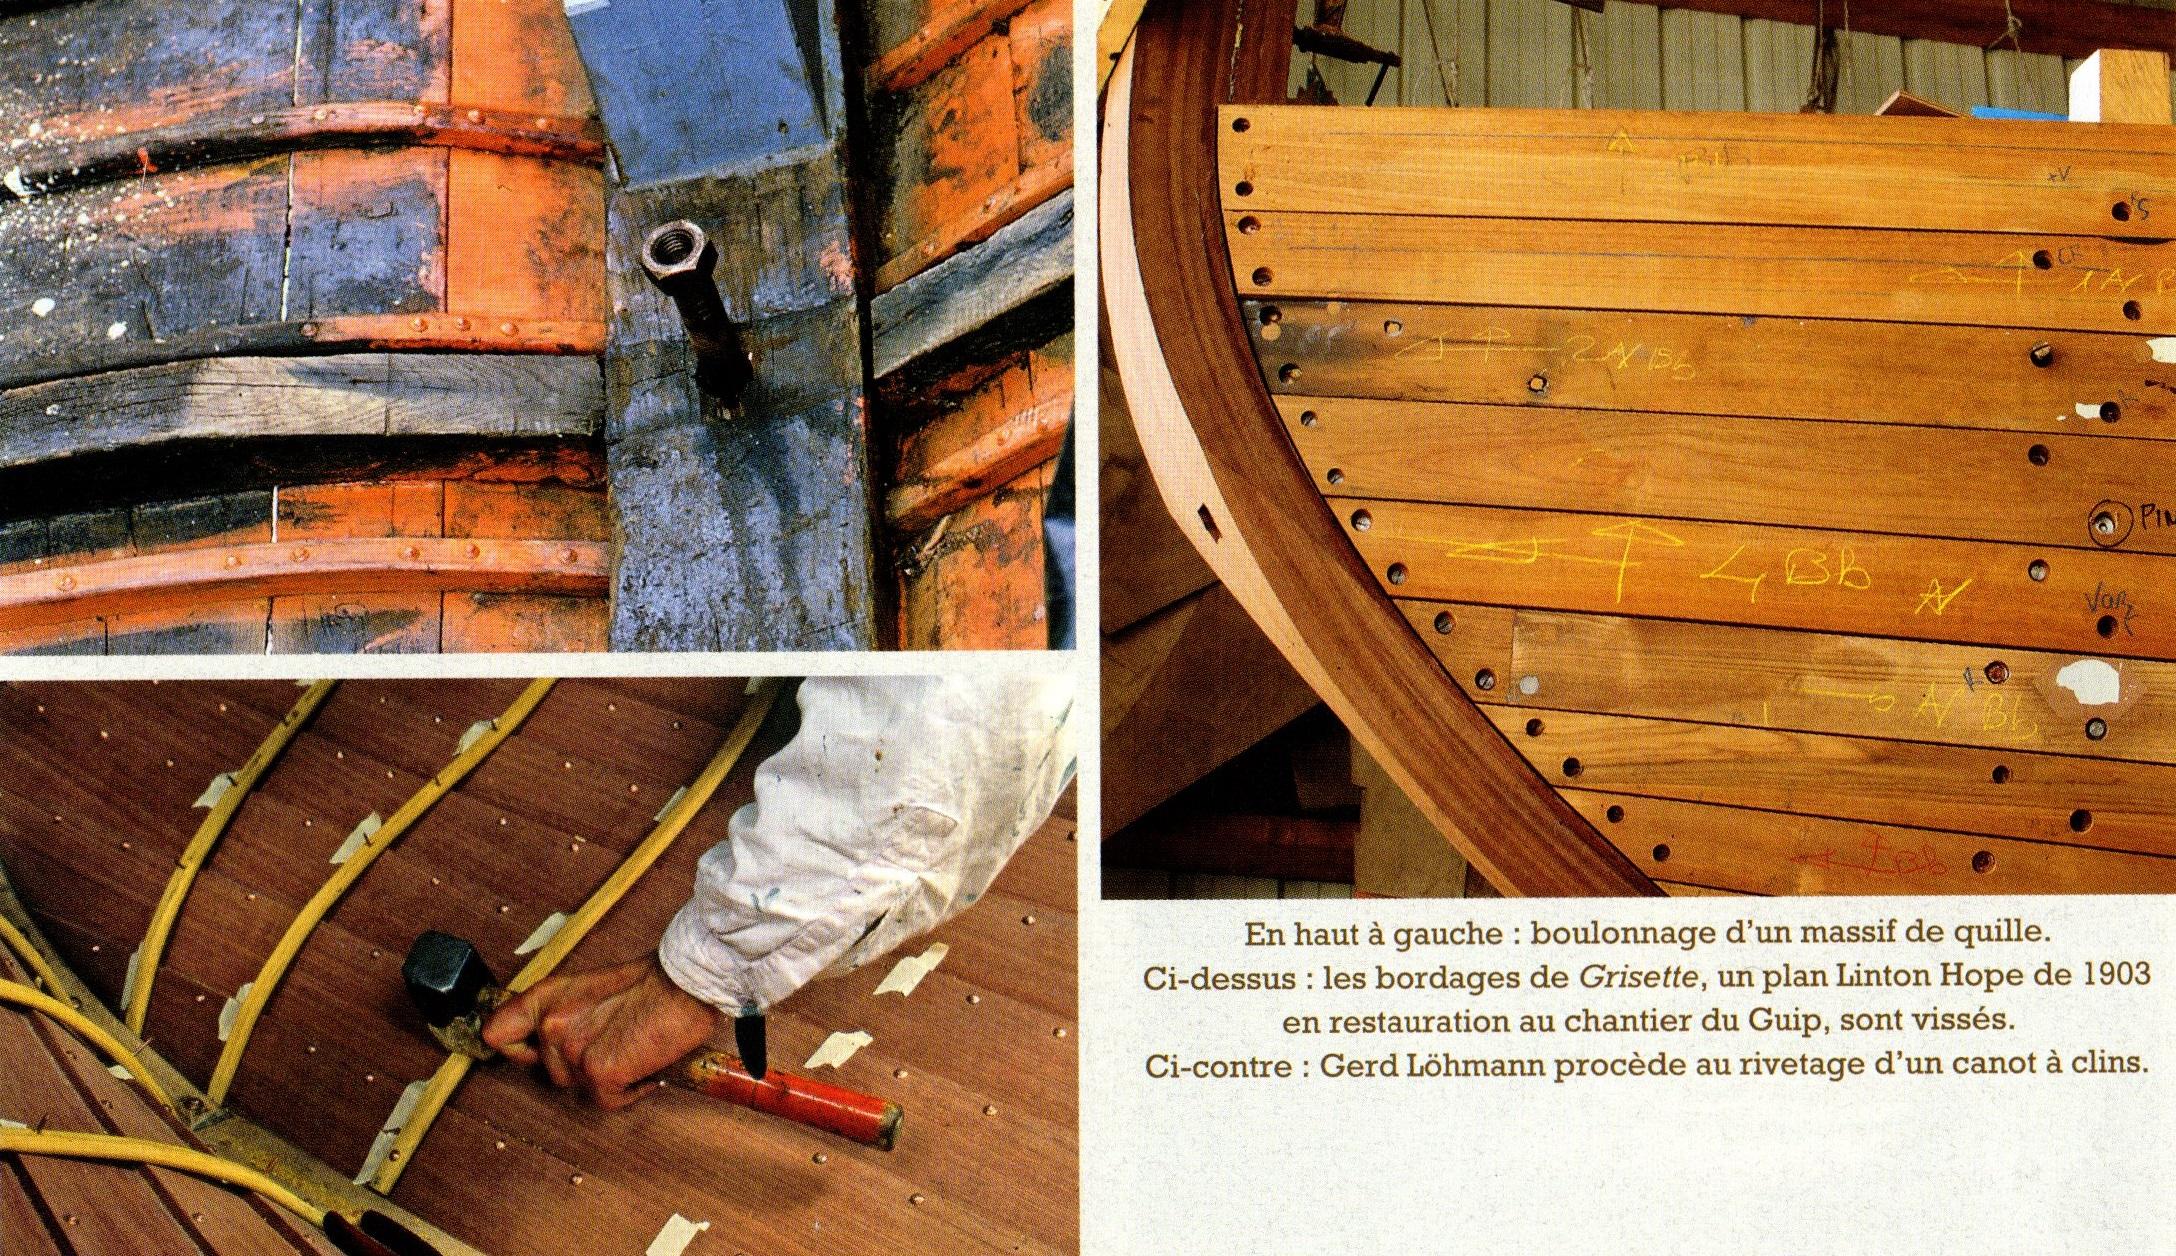 Clouer Visser Riveter Et Boulonner A L Abordage Blog Du Specialiste De L Accastillage Bateaux Bois